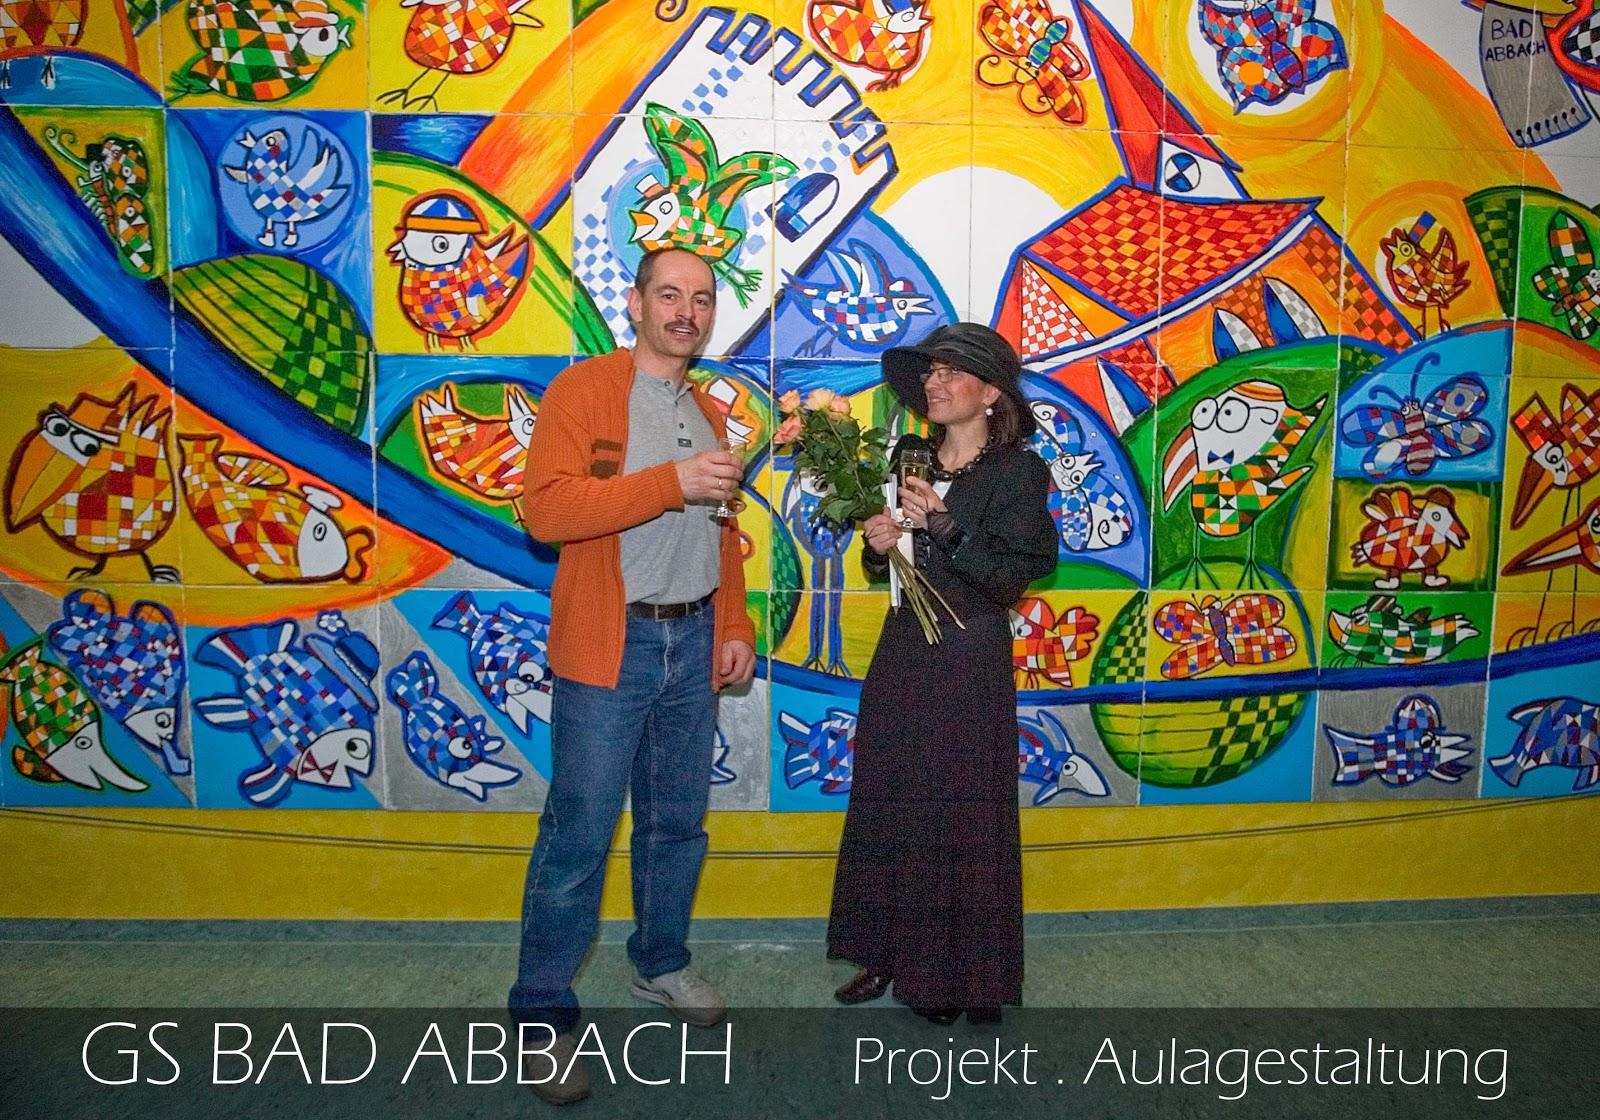 Der Bananensprayer Thomas Baumgartel Markiert Galerien Und